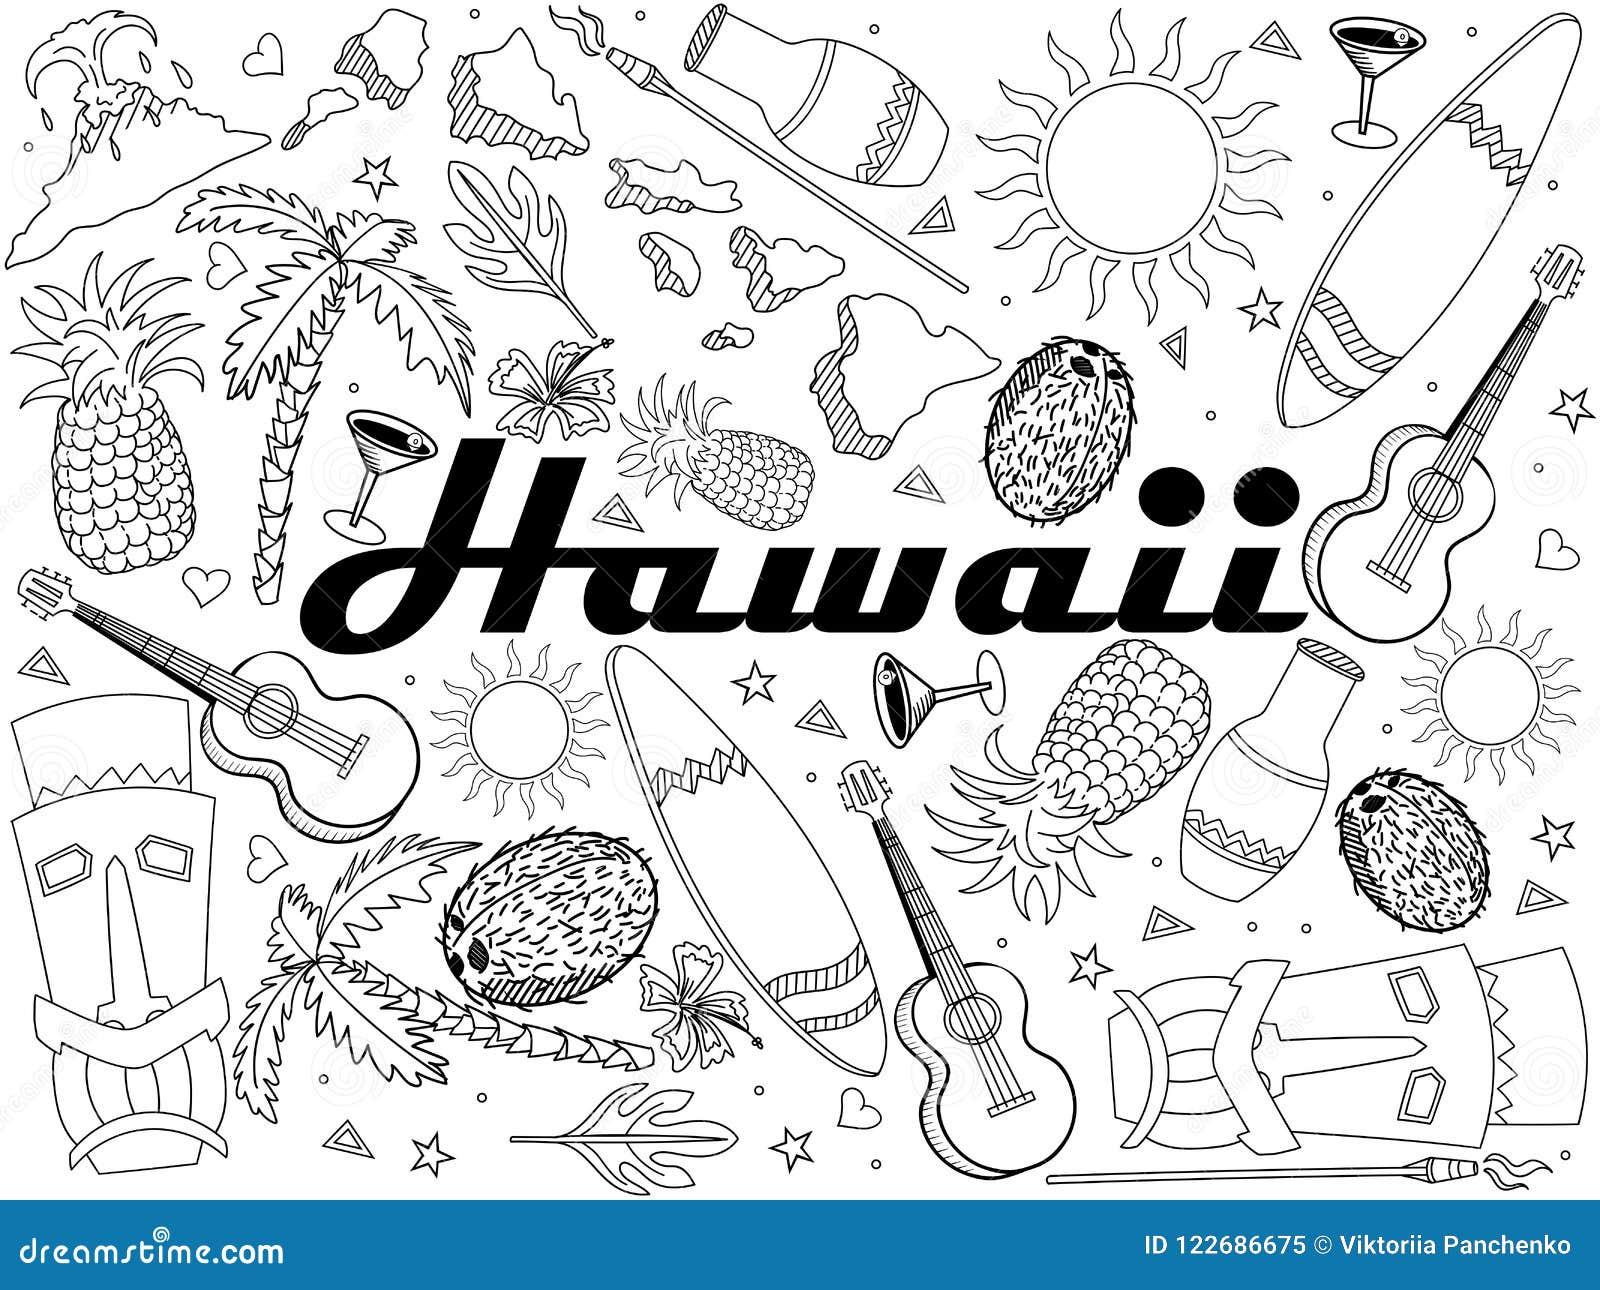 Coloriage Fleur Hawai.Vecteur Livre De Coloriage D Hawai De Conception De Schema Objets